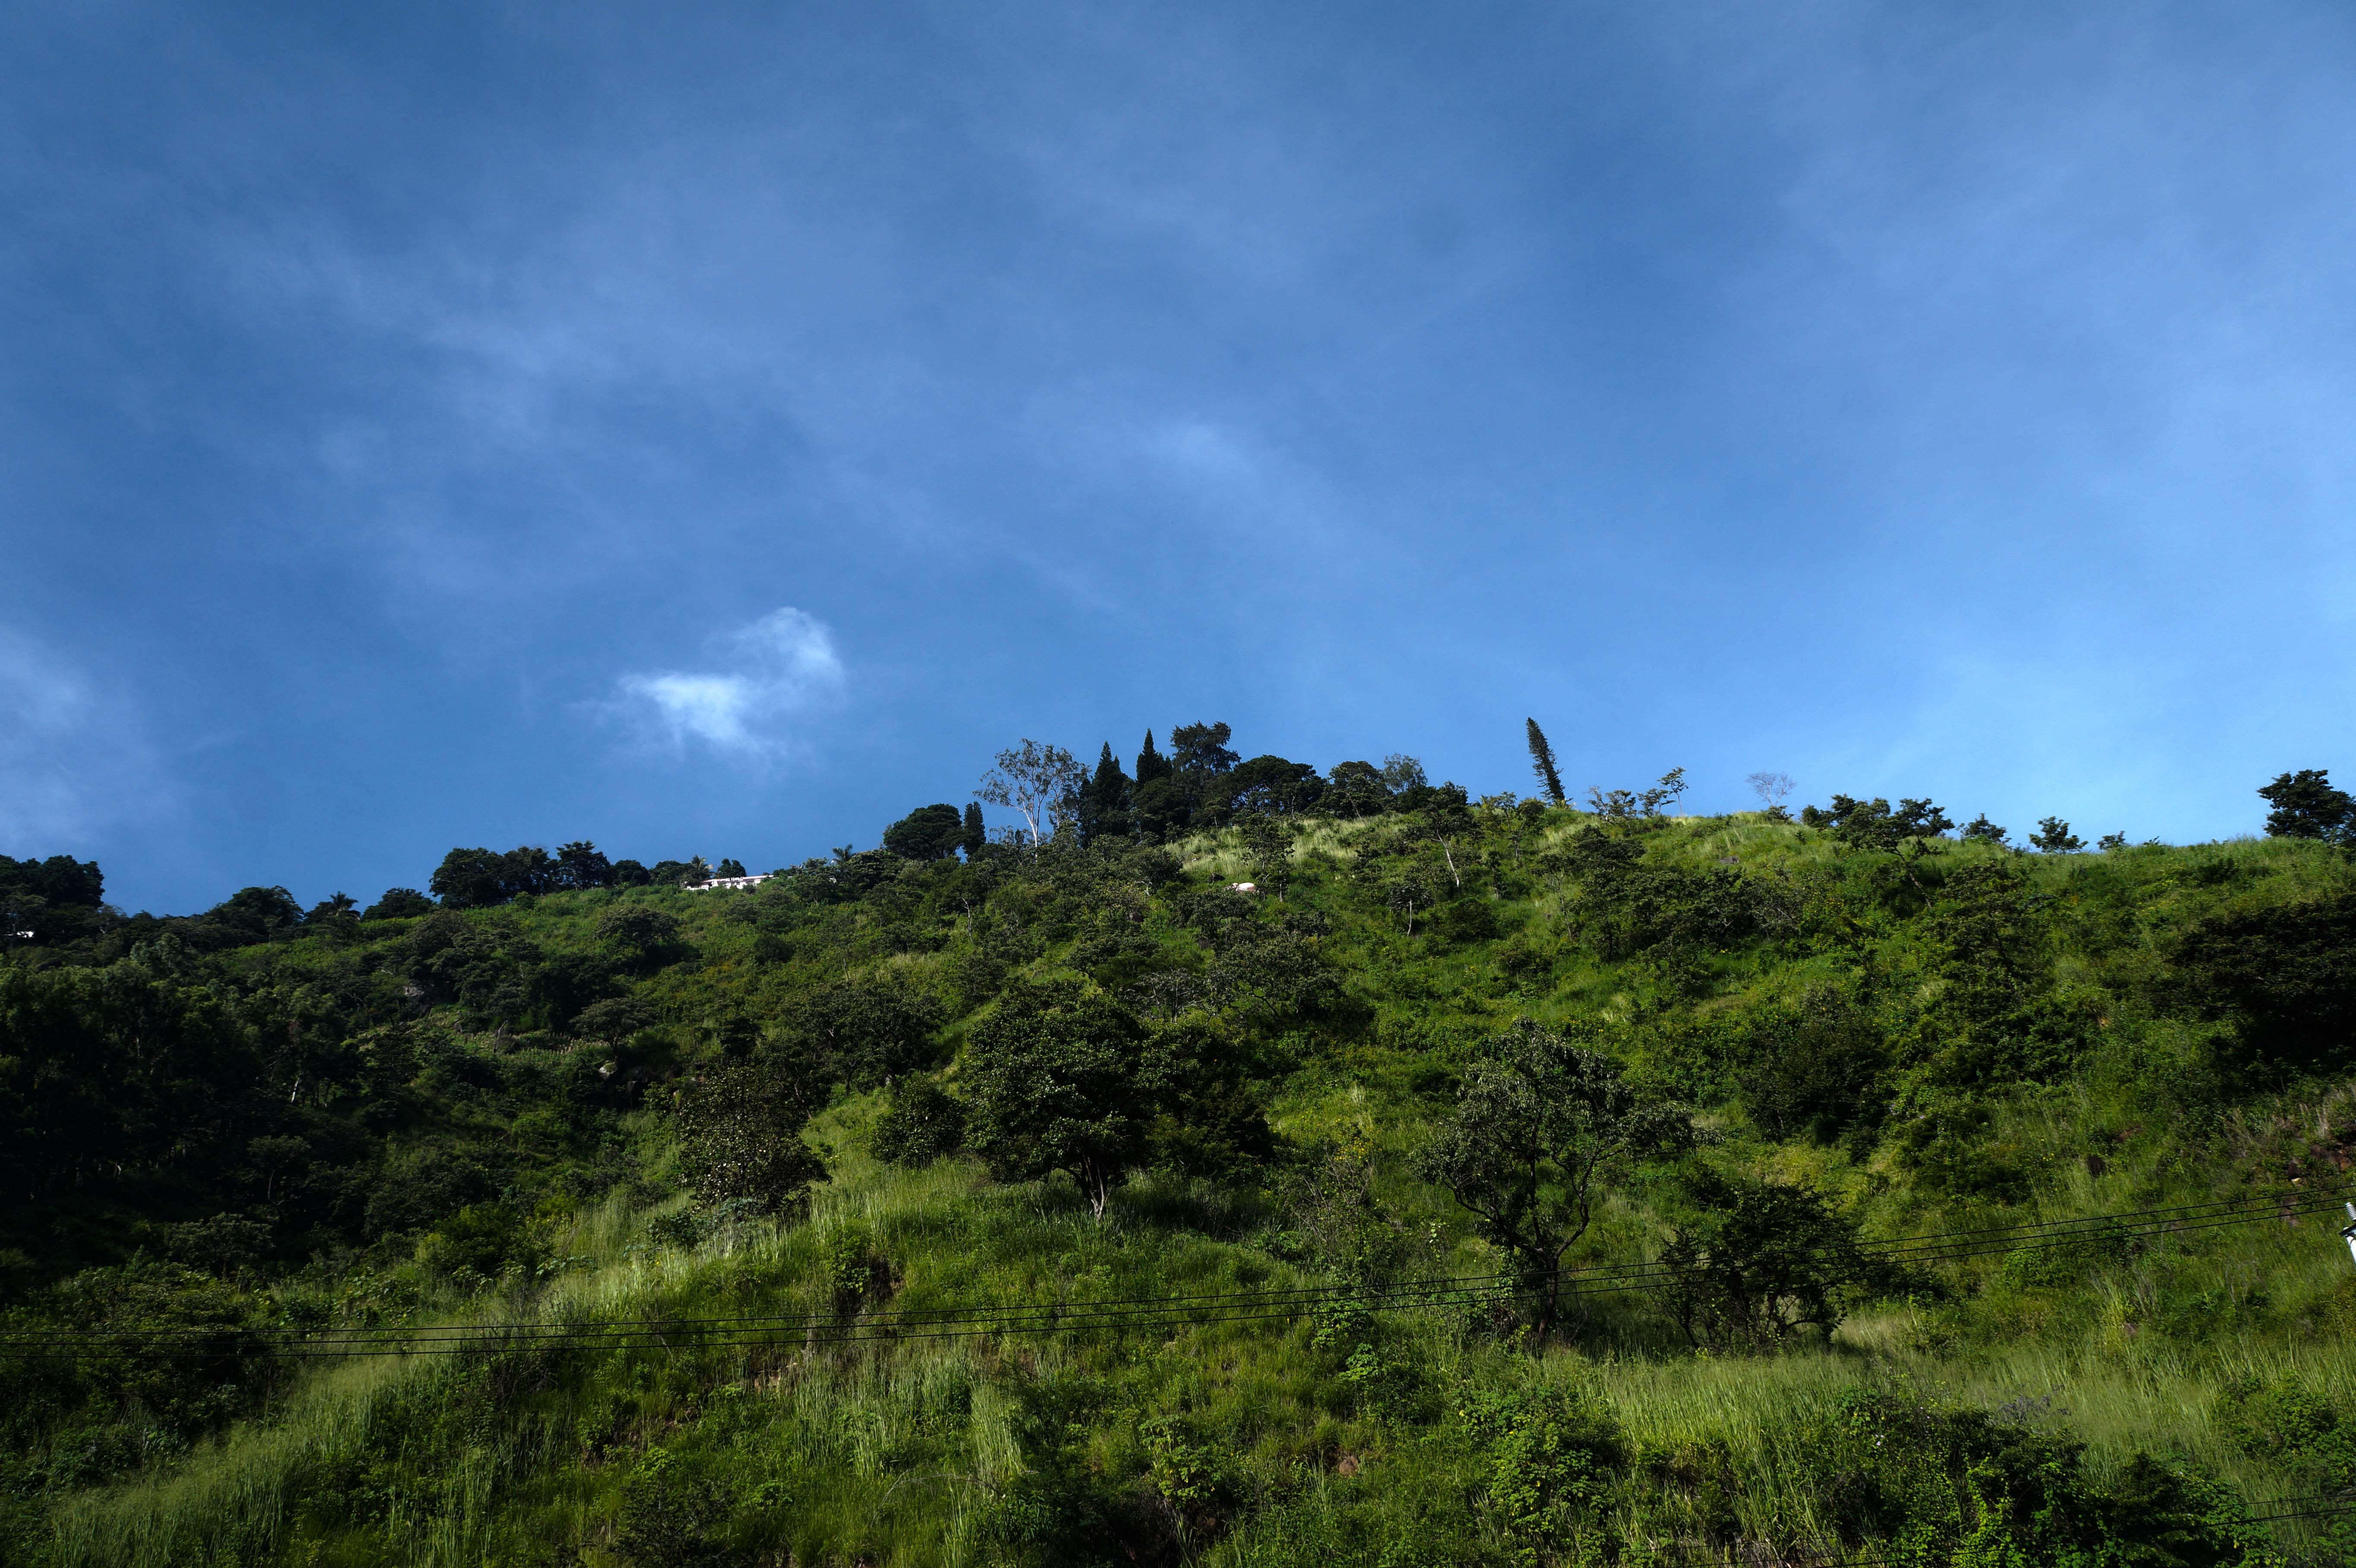 Fotos gratis : paisaje, mar, costa, árbol, naturaleza, bosque ...